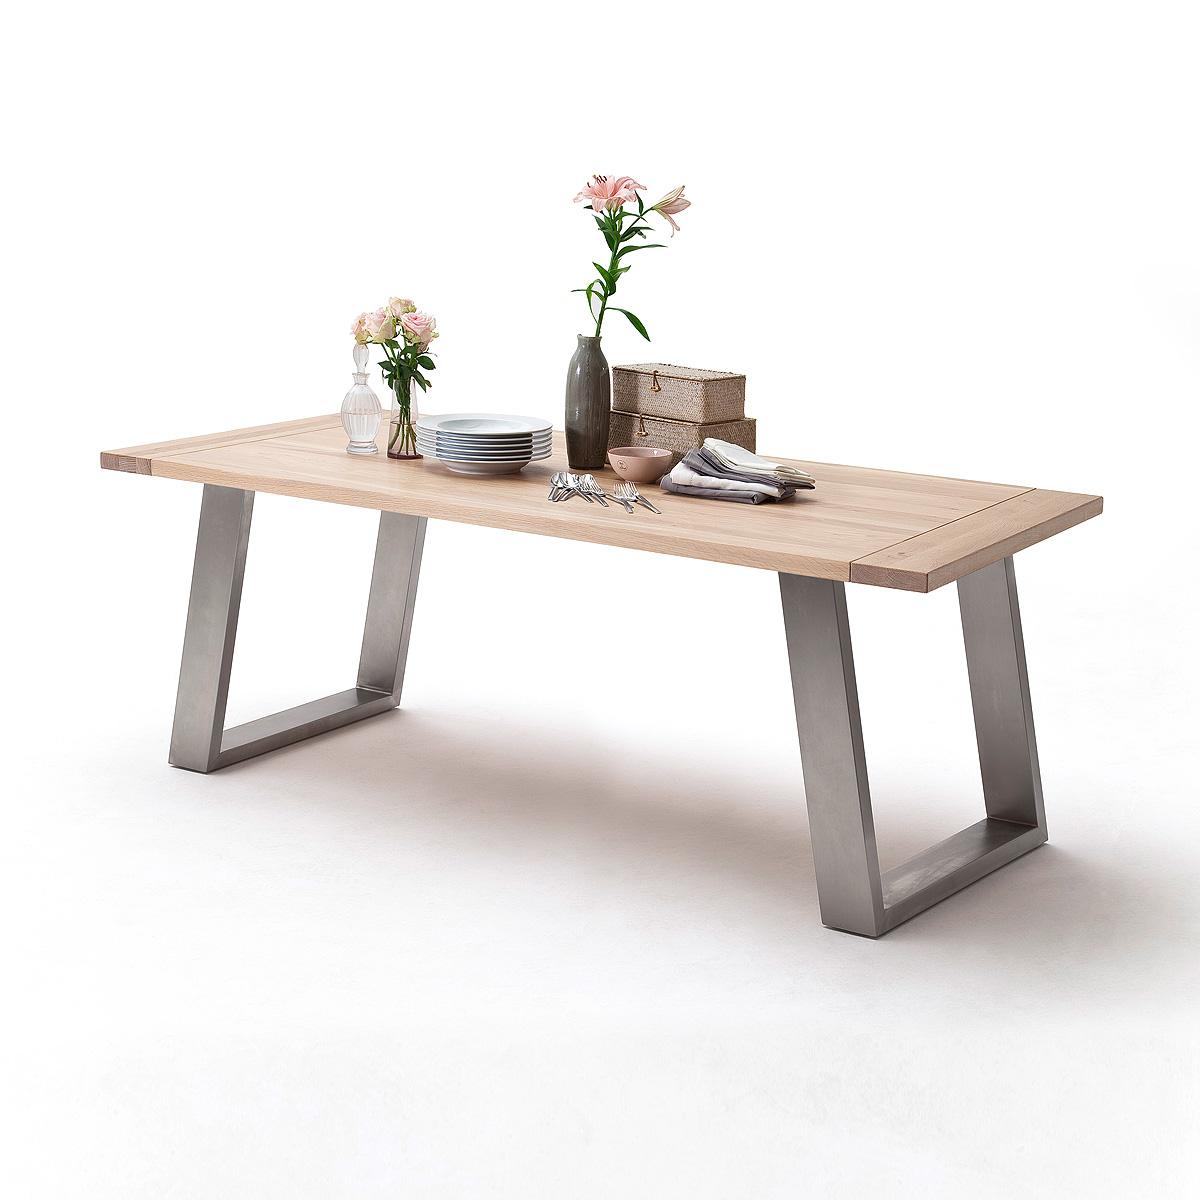 esstisch almeida esstisch tischsystem eiche bianco massiv edelstahl auswahl 180 ebay. Black Bedroom Furniture Sets. Home Design Ideas